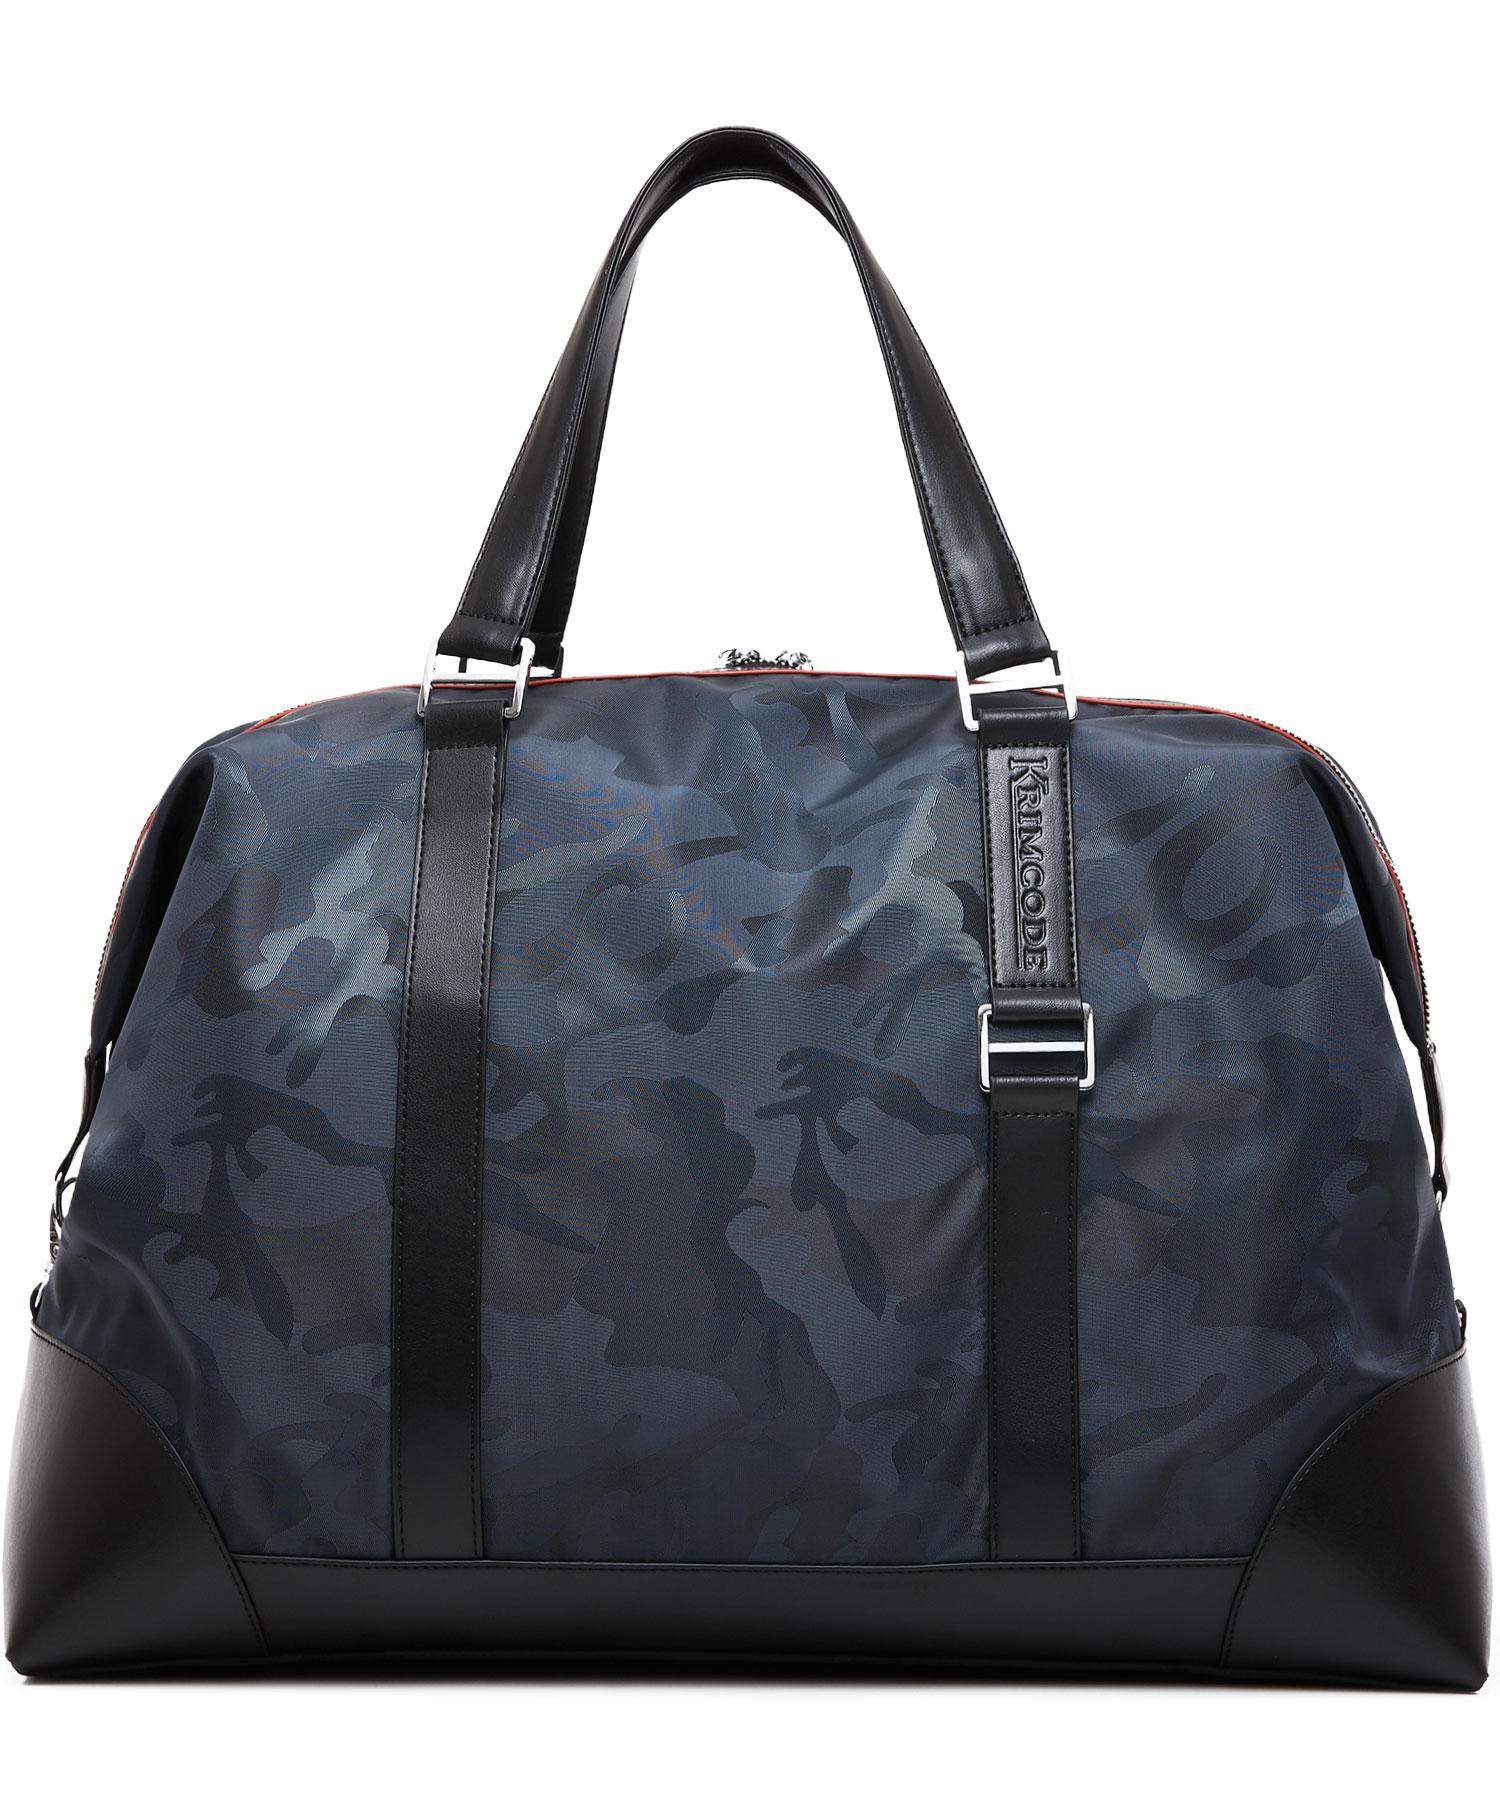 duffel bag back